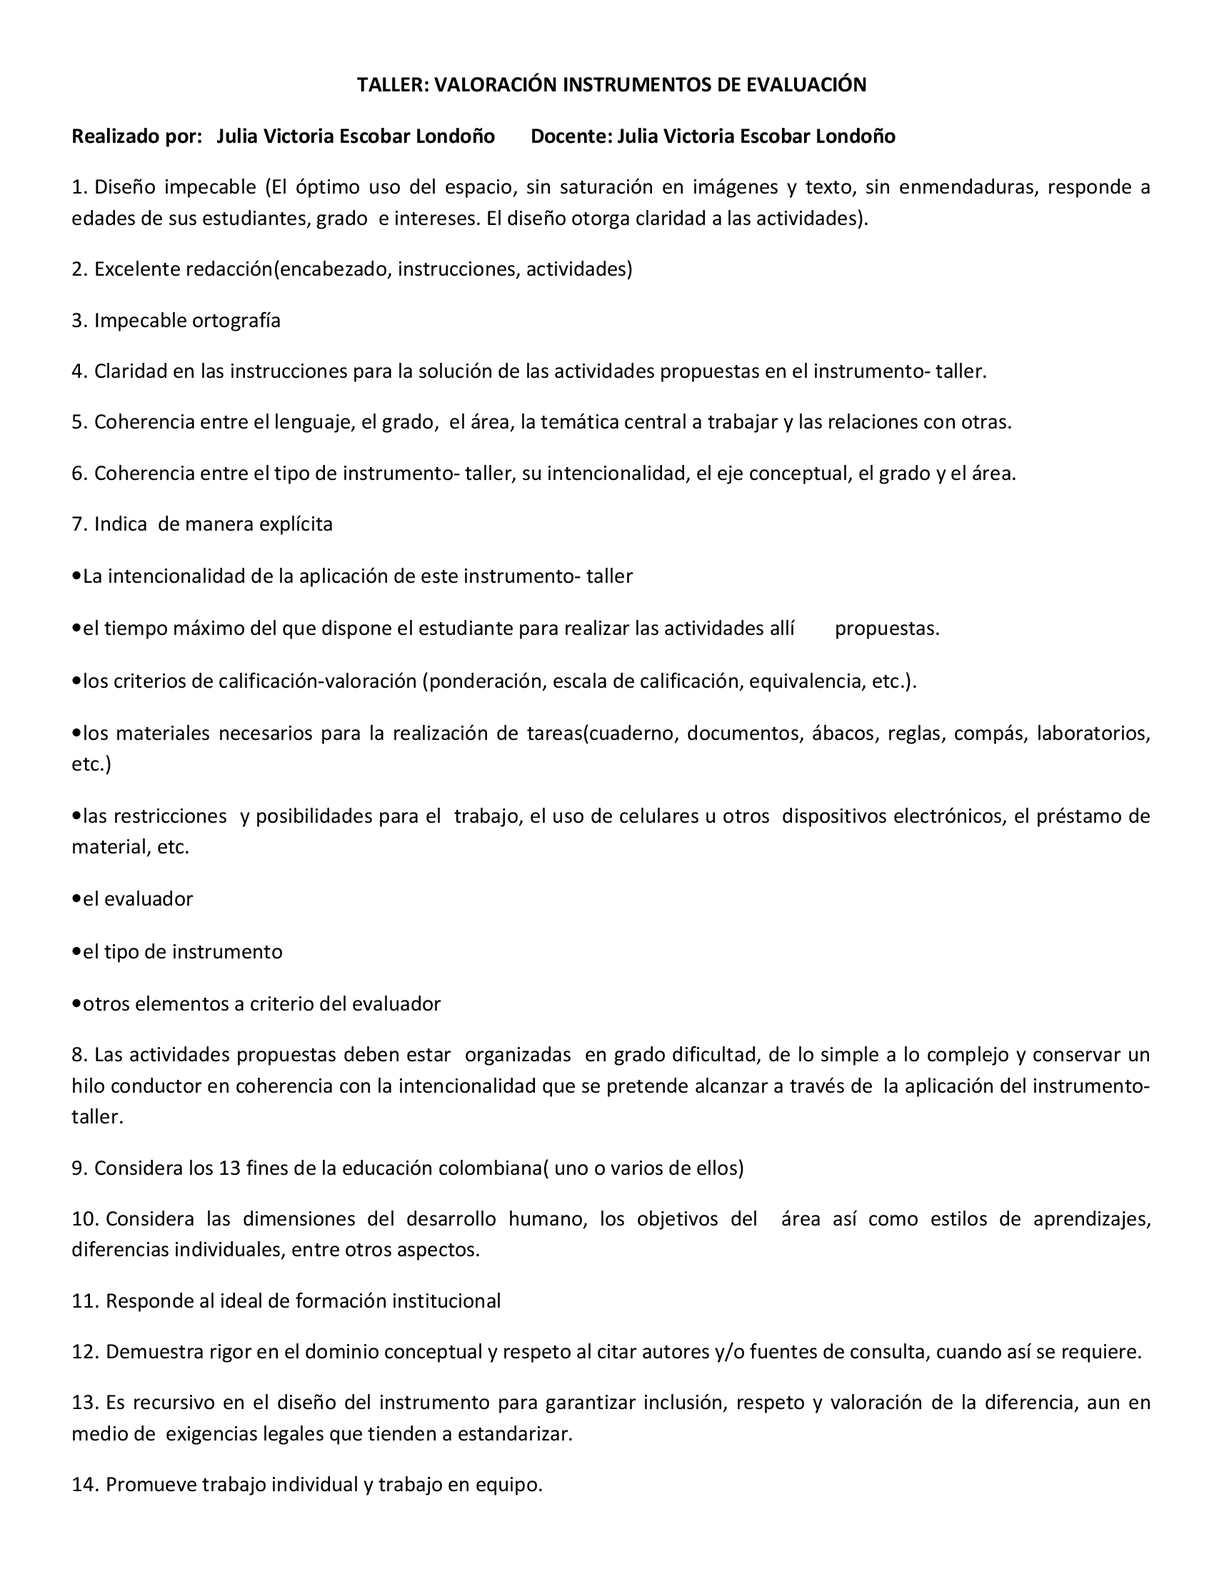 INSTRUMENTO DE EVALUACIÓN de taller